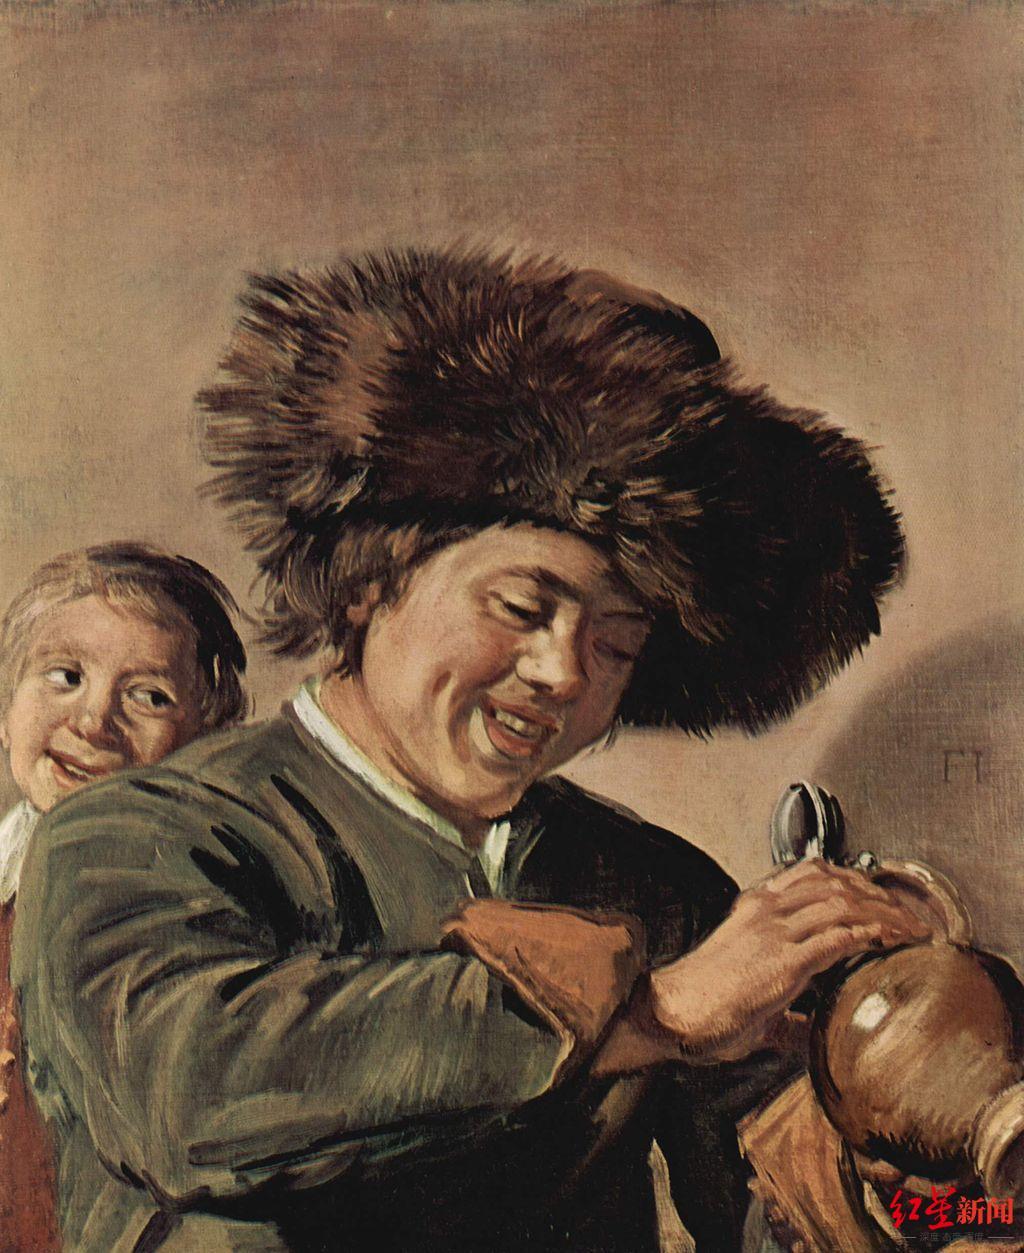 估价上亿的荷兰名画《两个微笑的男孩》第三次被盗